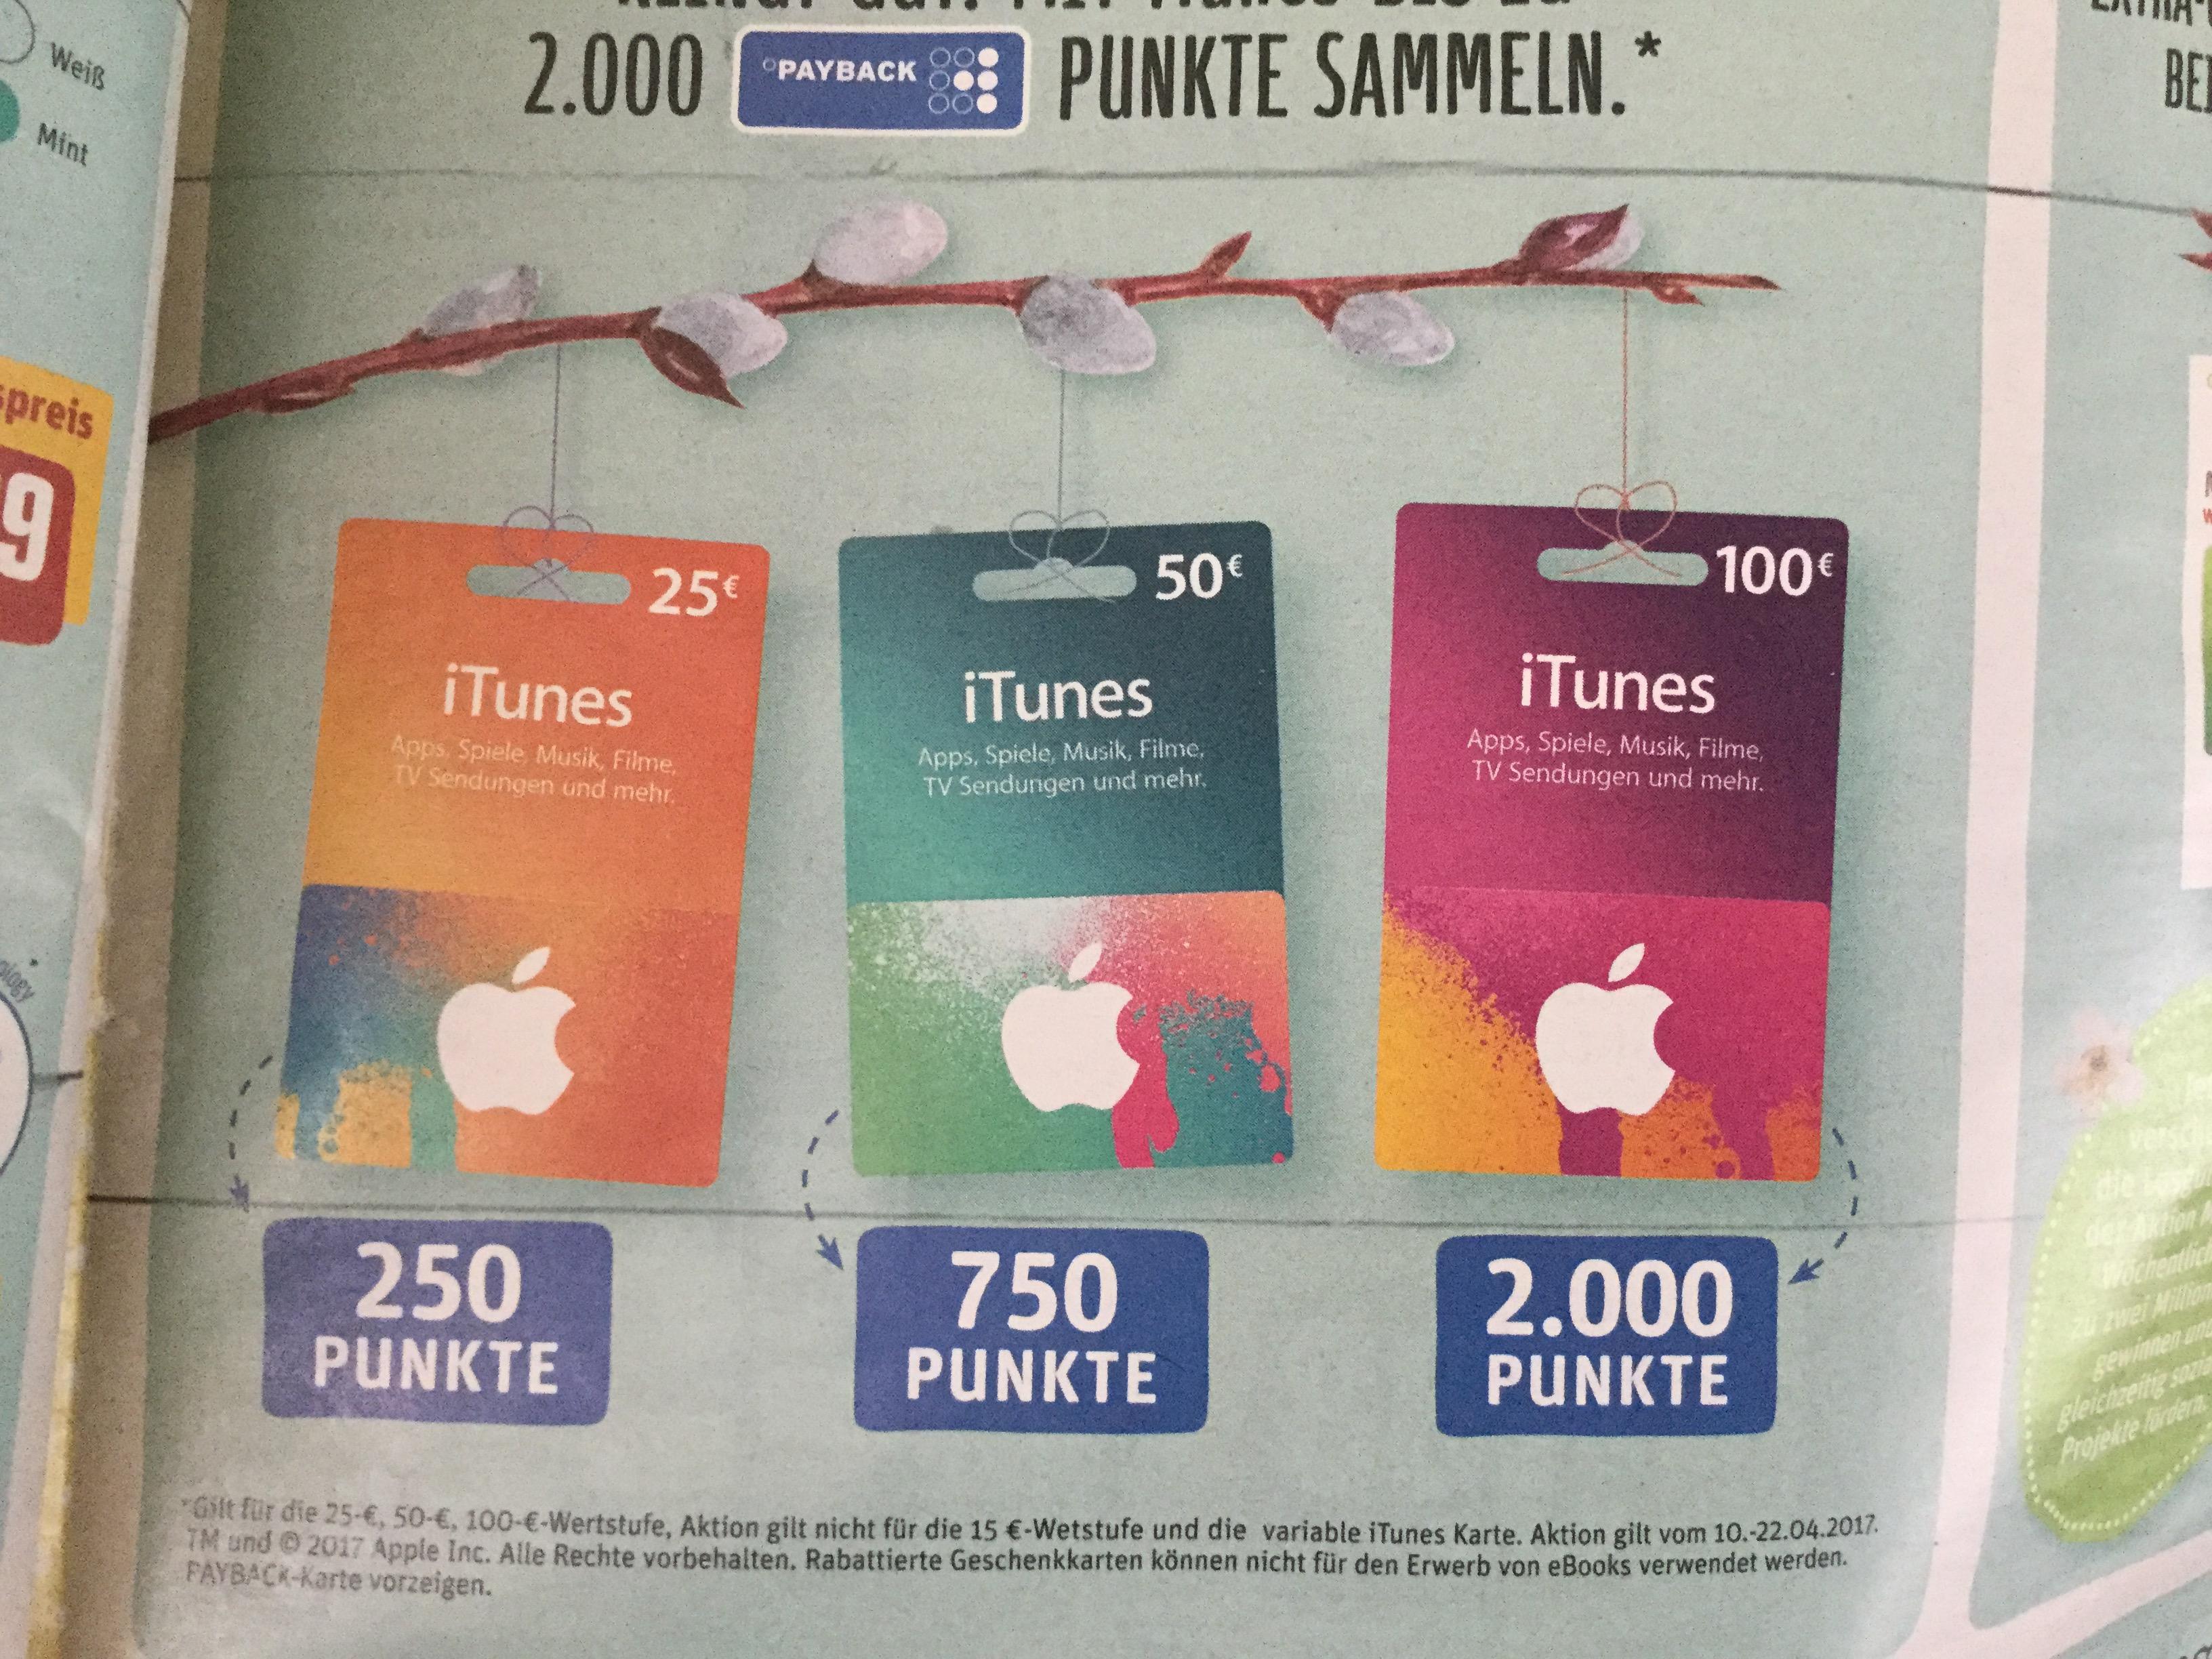 Rewe & Payback Itunes Guthaben mit Punkten z.B. 100€=2000 Punkte